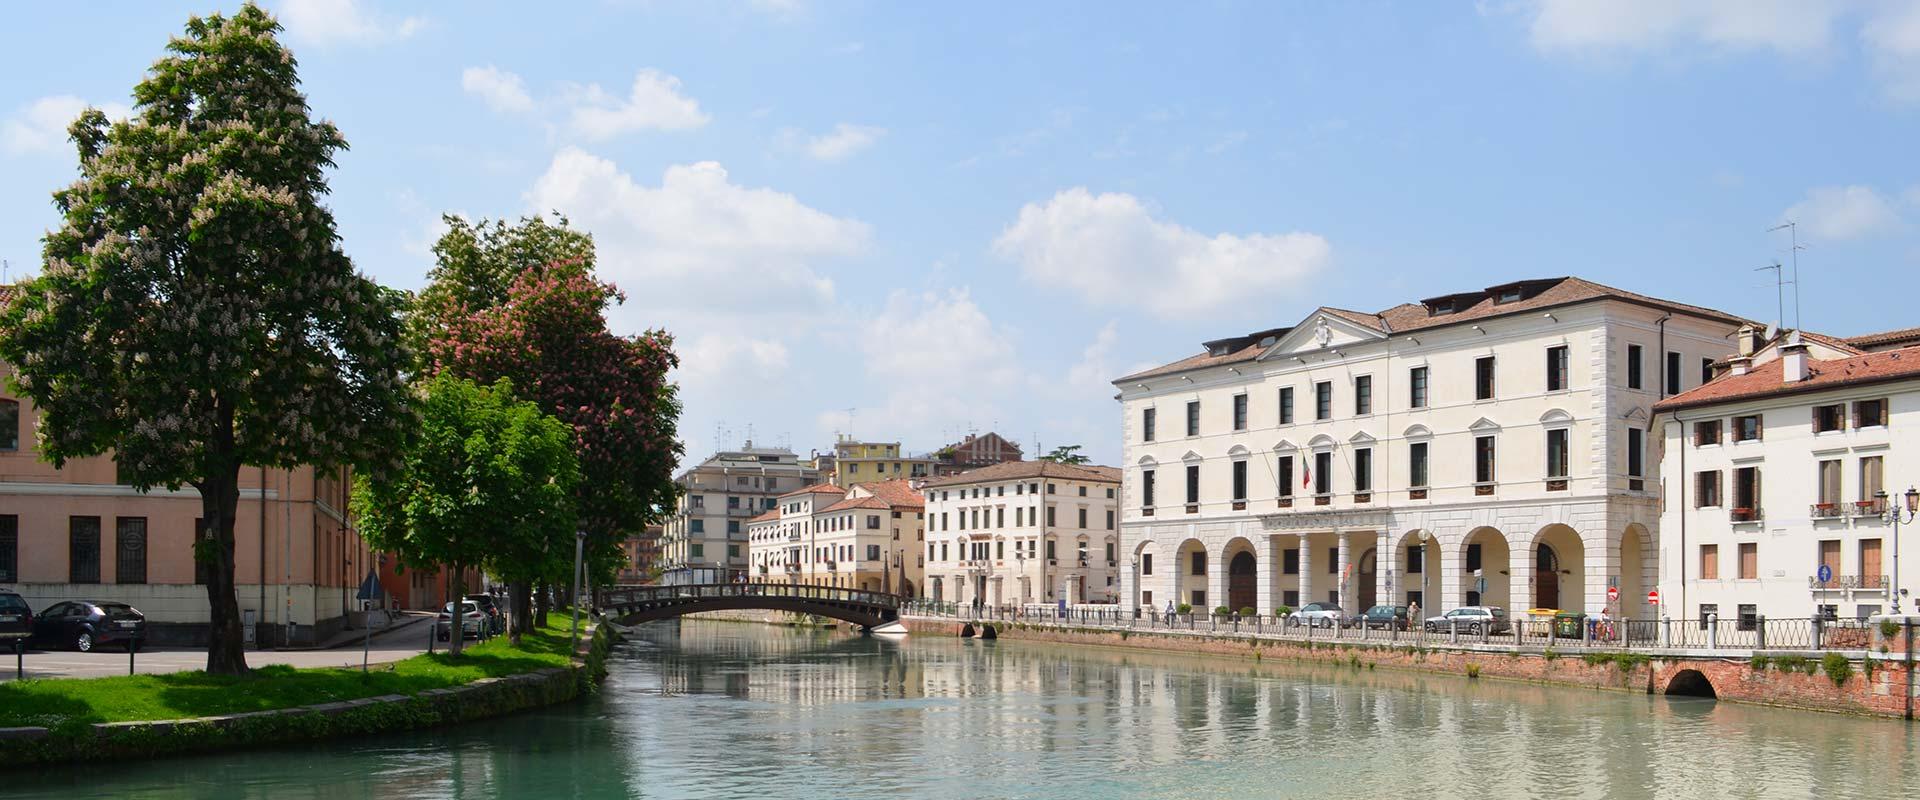 River Sile in Treviso